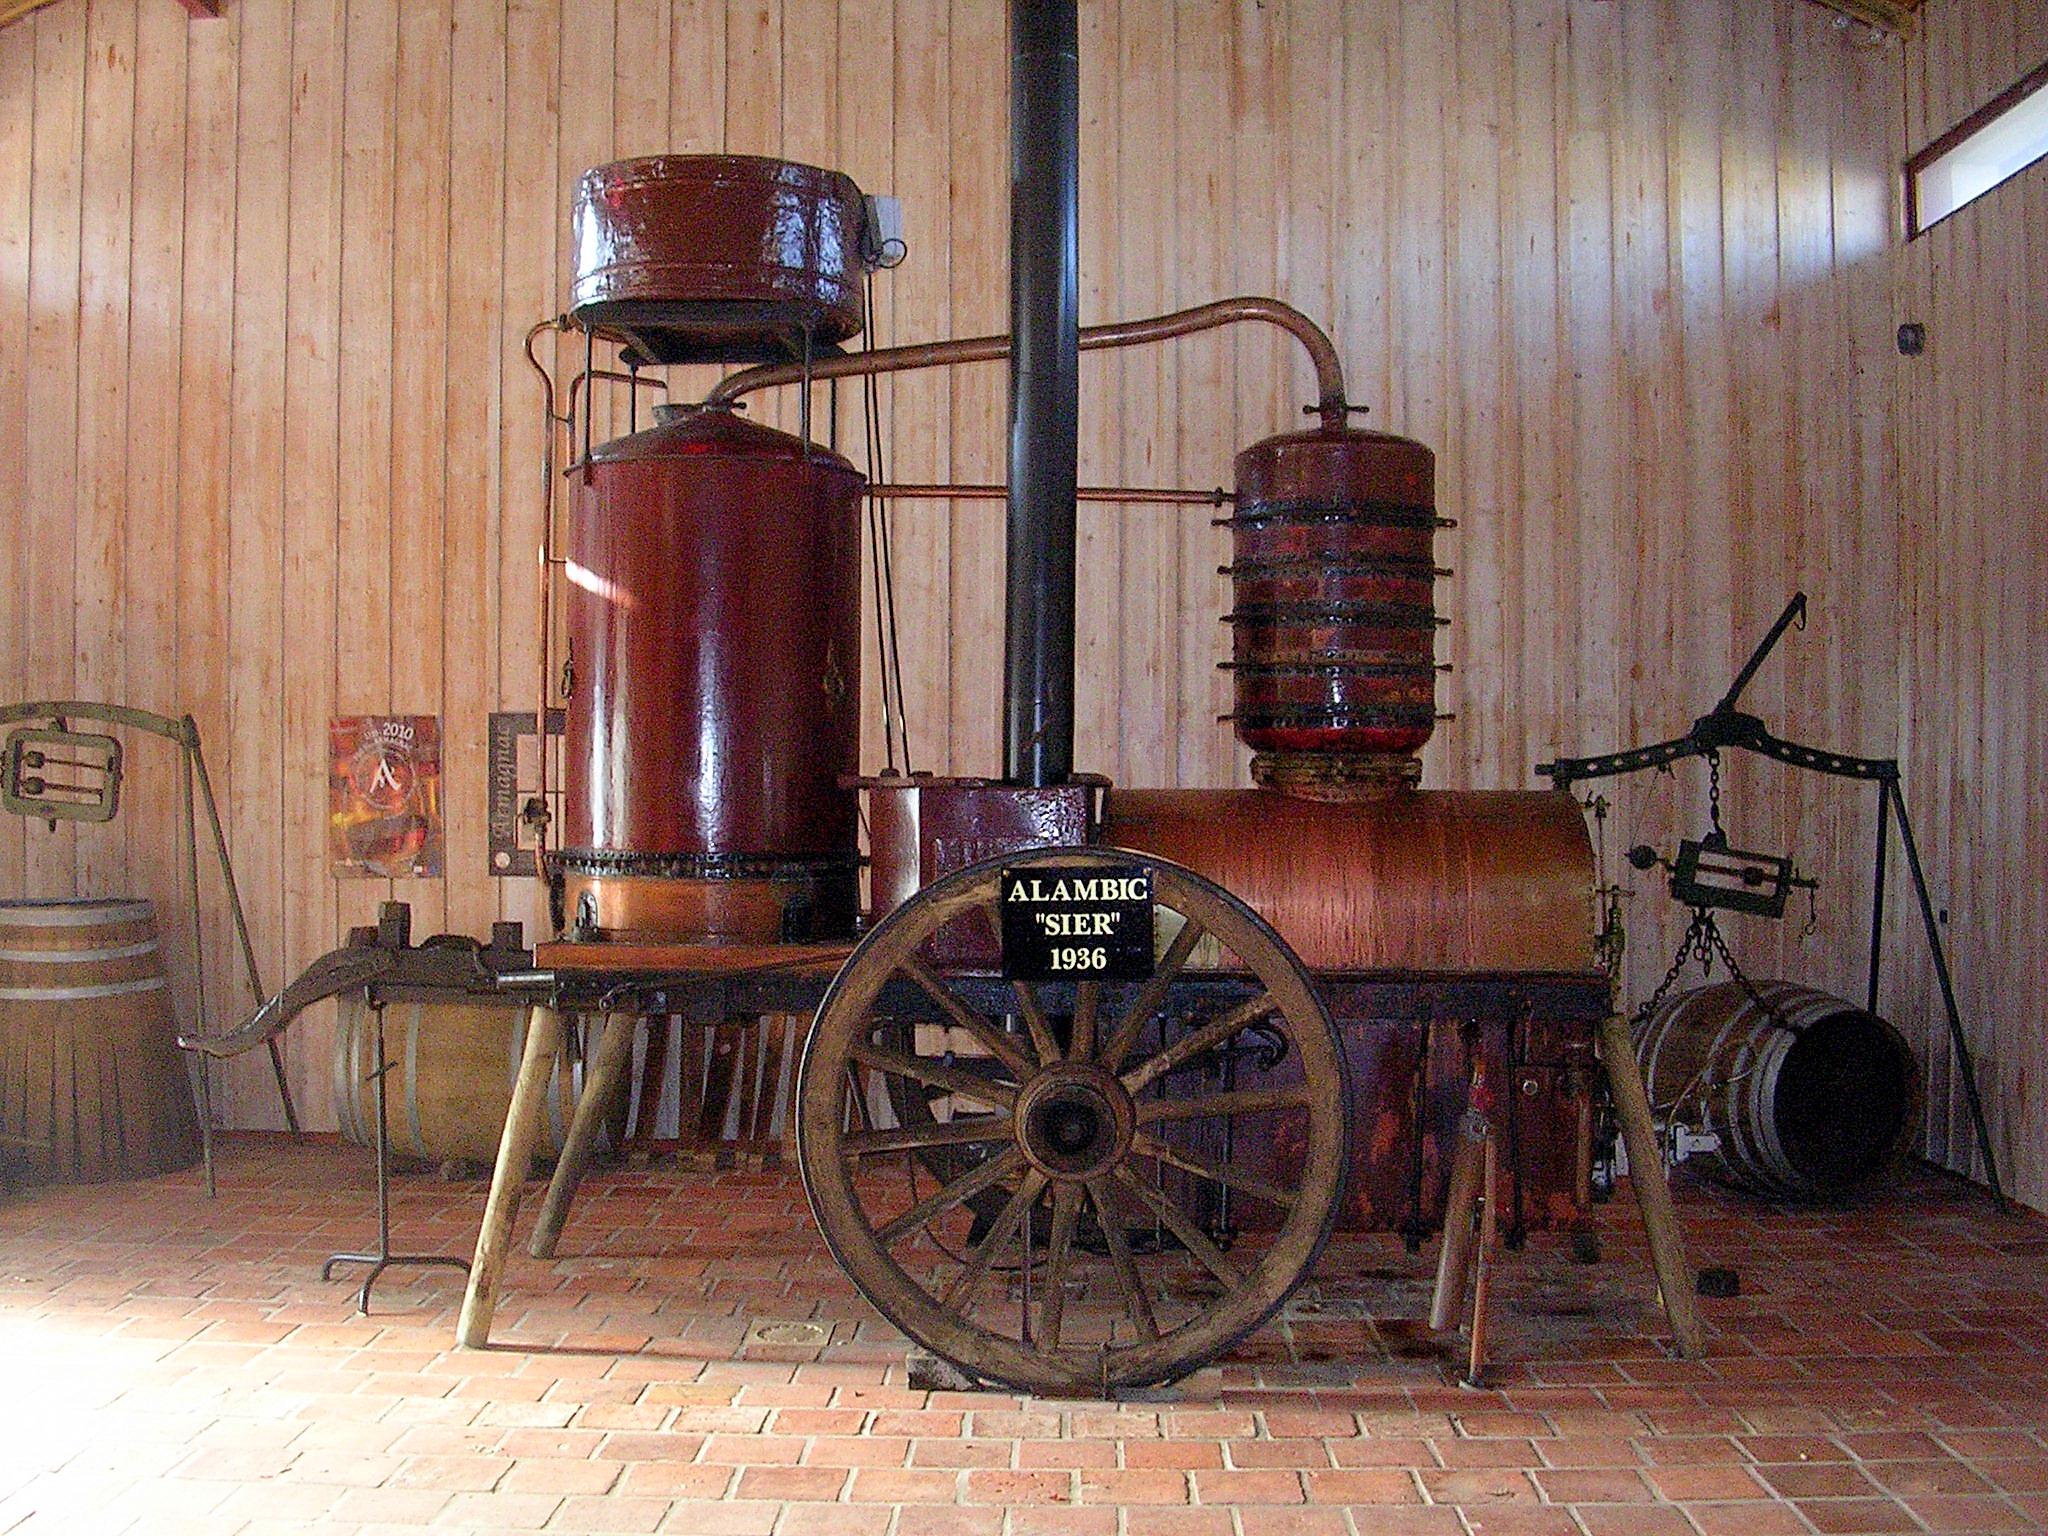 Аппарат для дистилляции арманьяка называется аламбик, причем самый известный аламбик «Сьер» (1936) похож на паровозик. Источник https://upload.wikimedia.org/